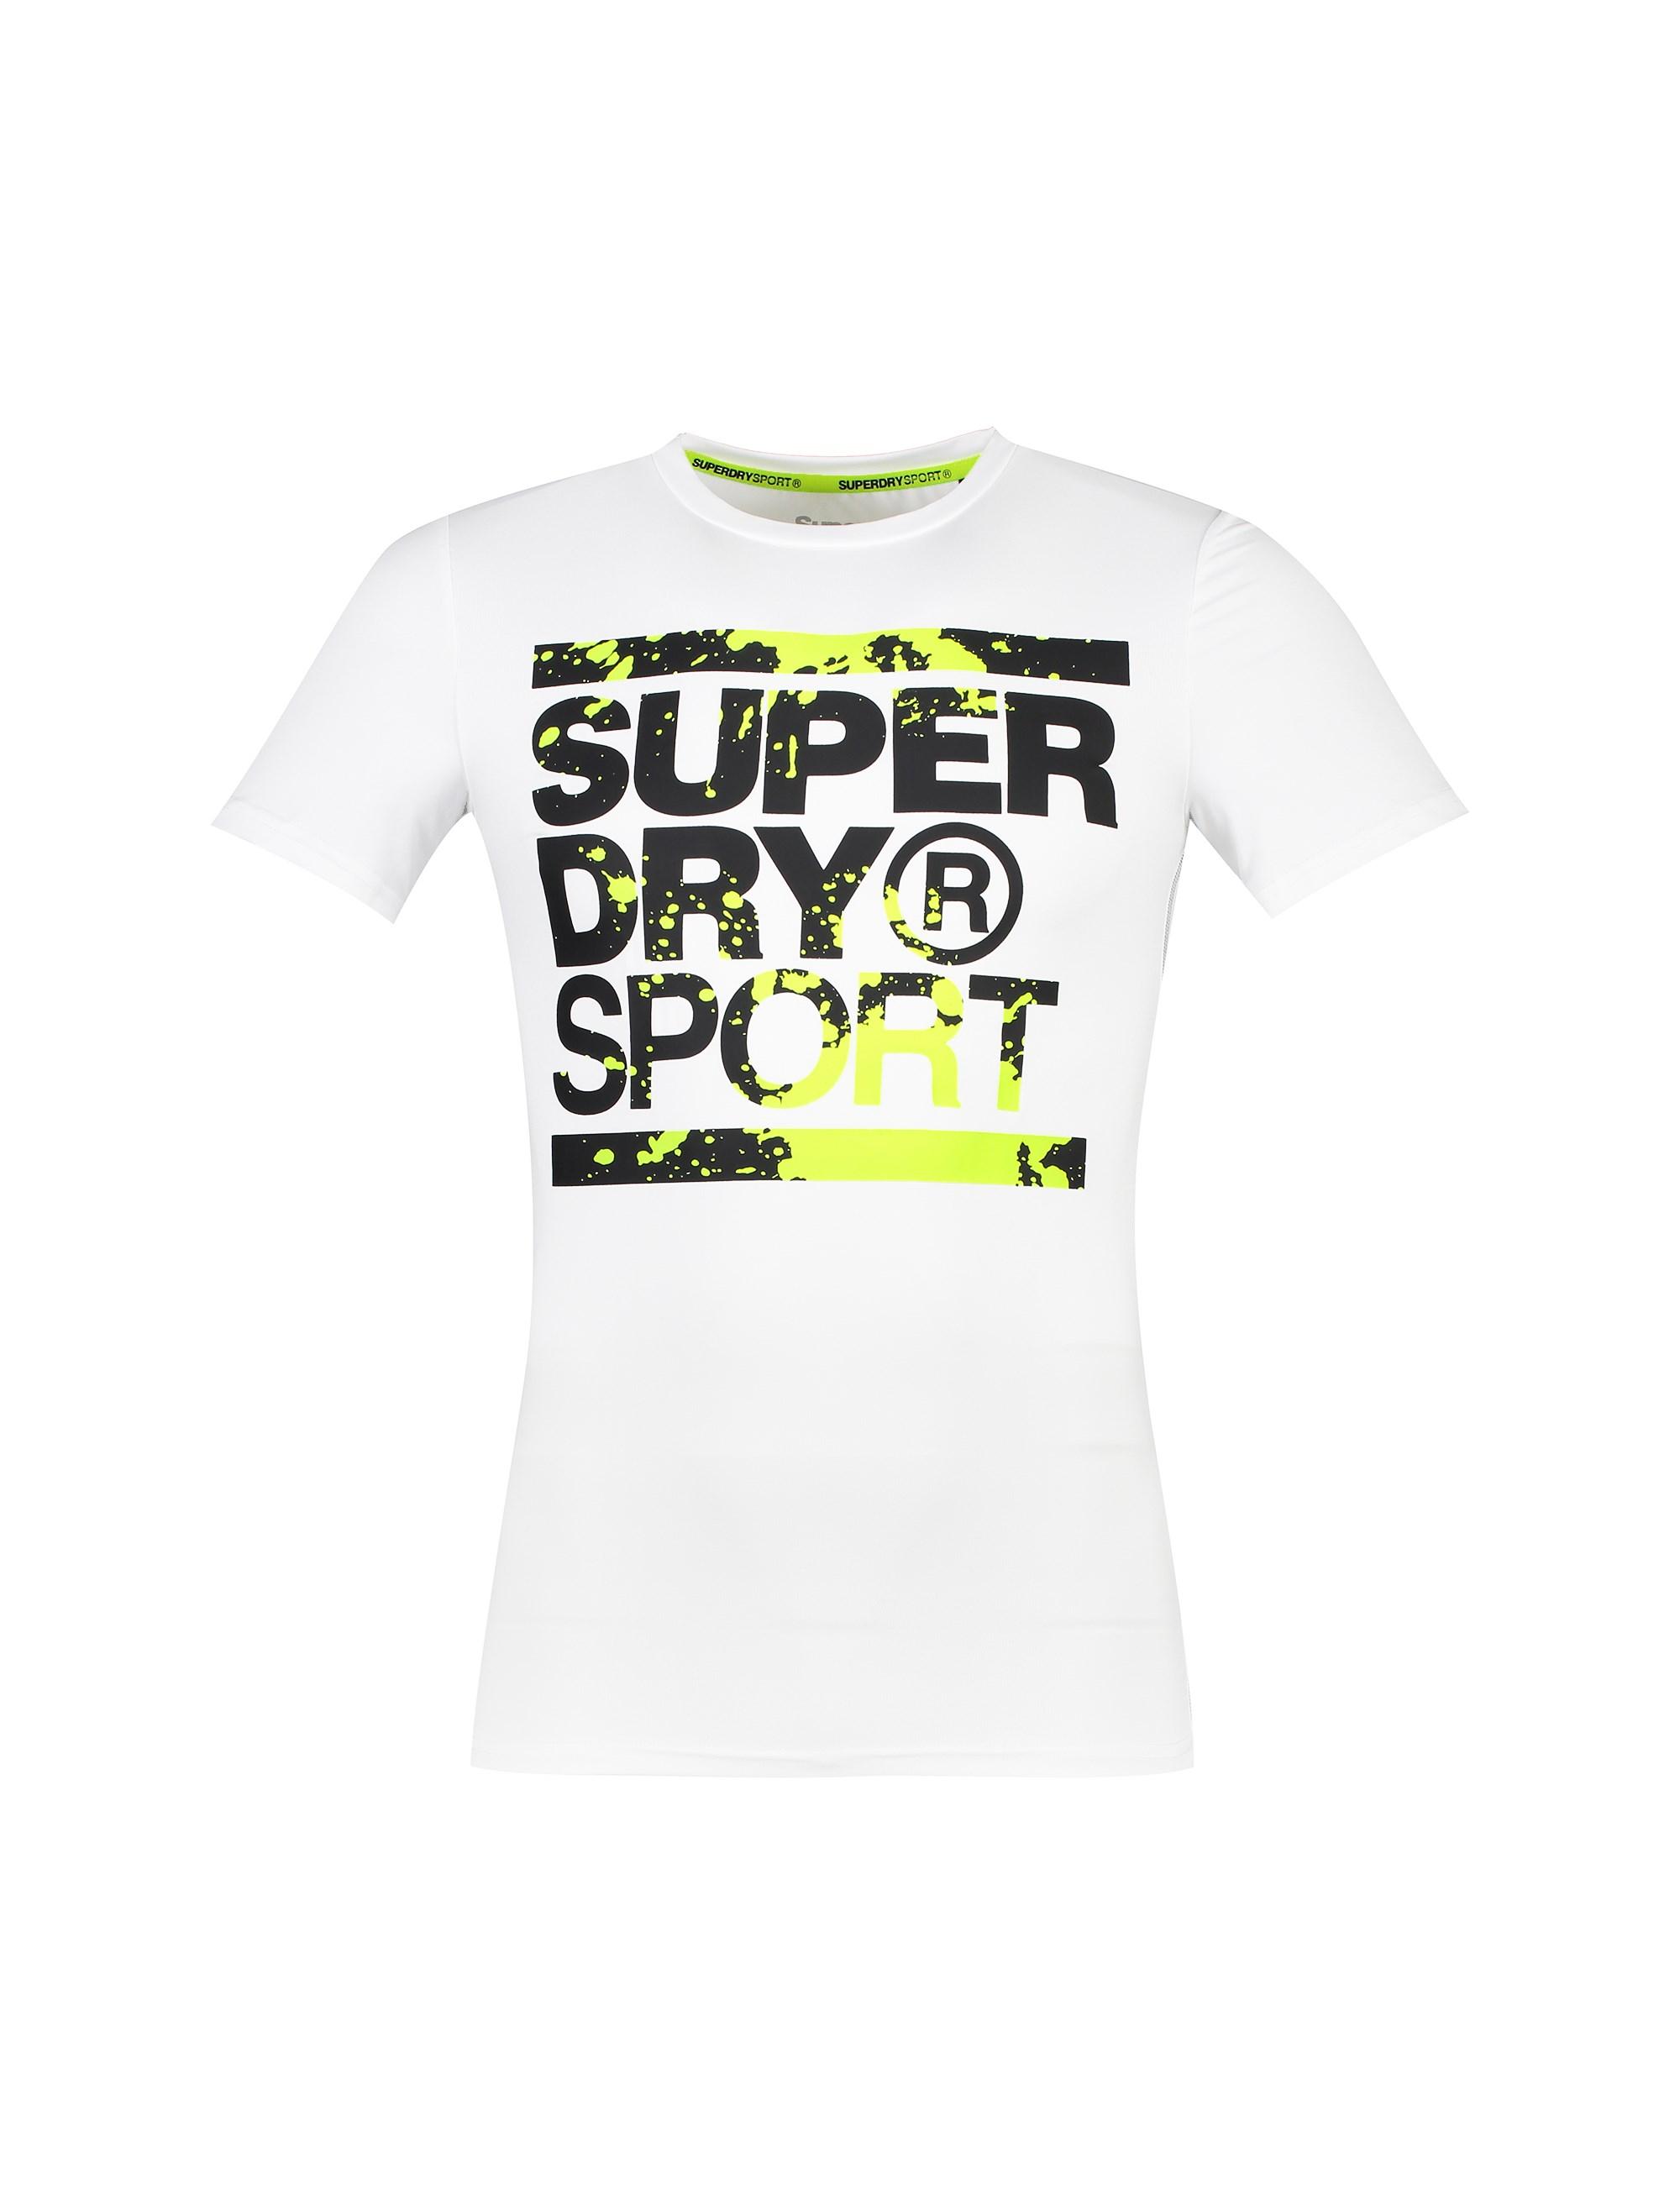 تی شرت یقه گرد مردانه - سوپردرای